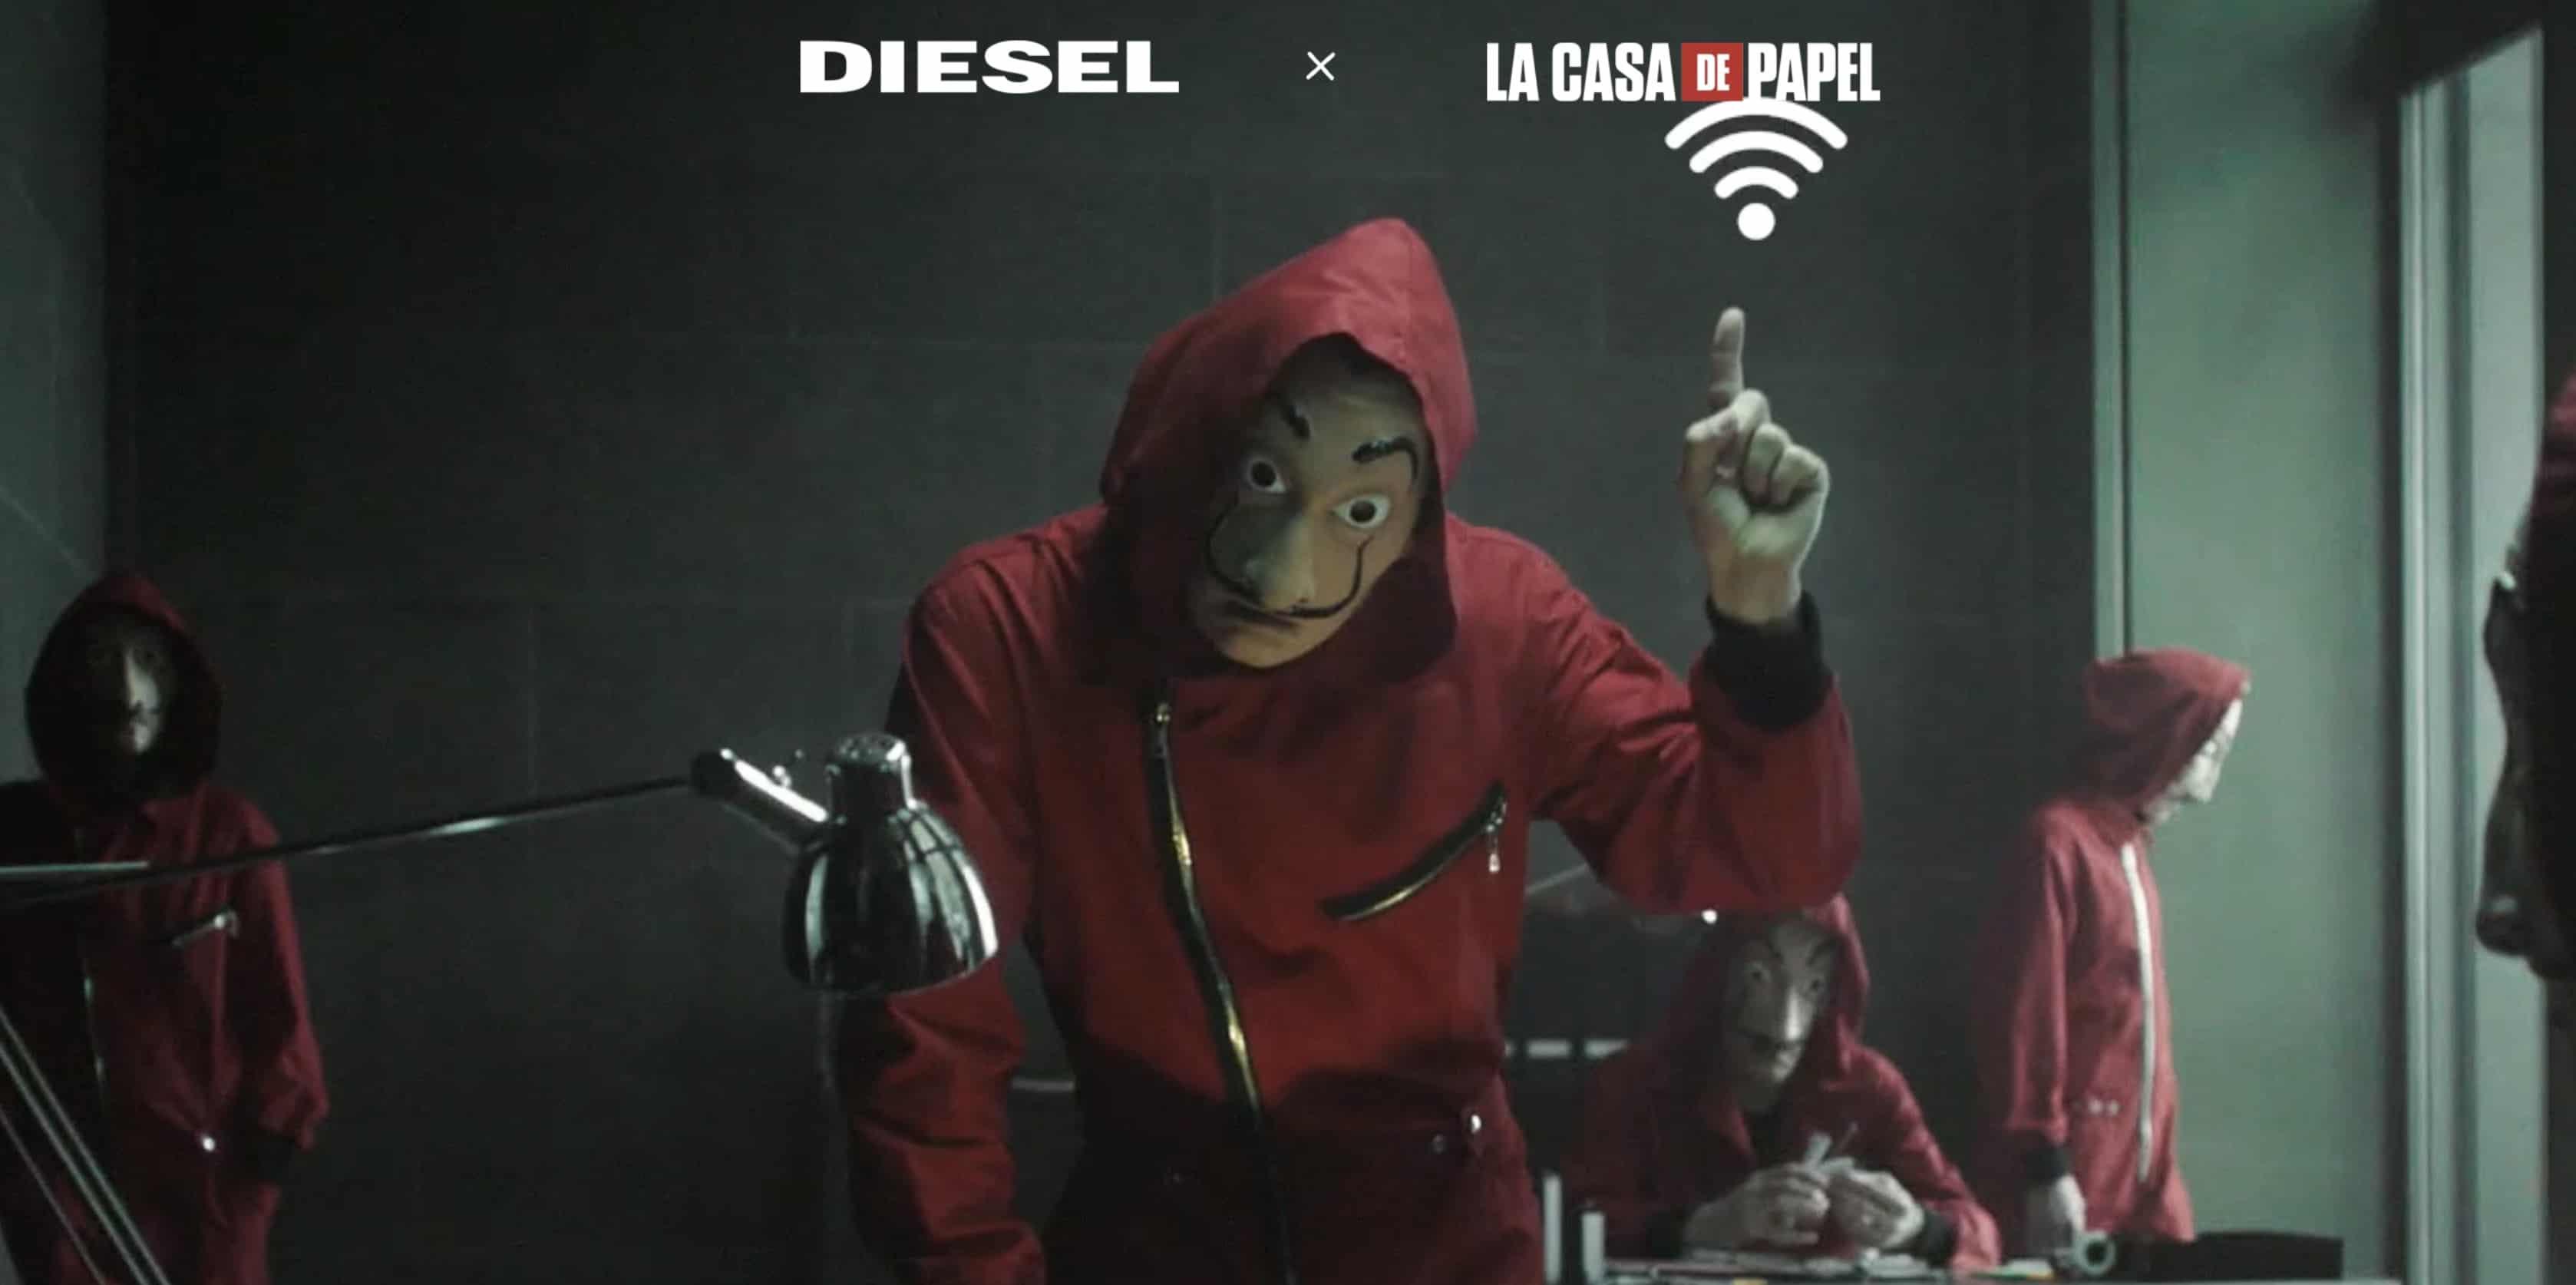 La Casa di Carta Diesel mette in palio 150 tute originali della serie Netflix